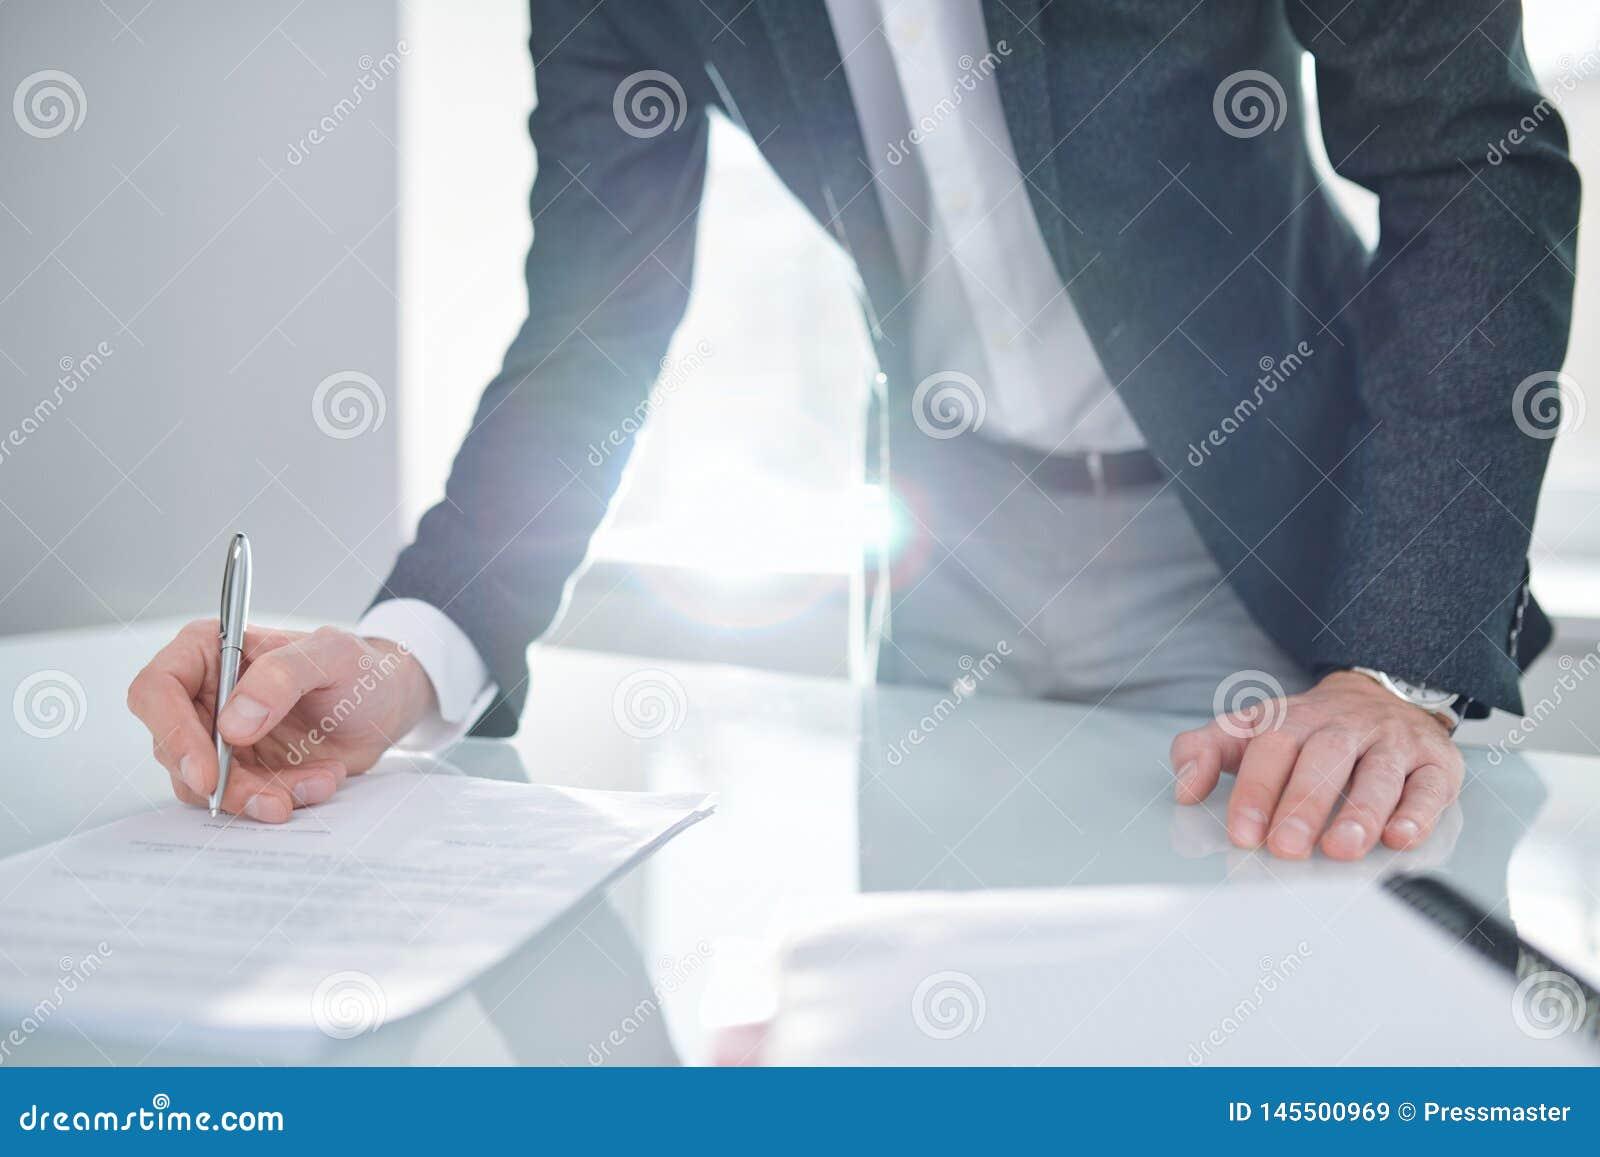 Documenti di firma